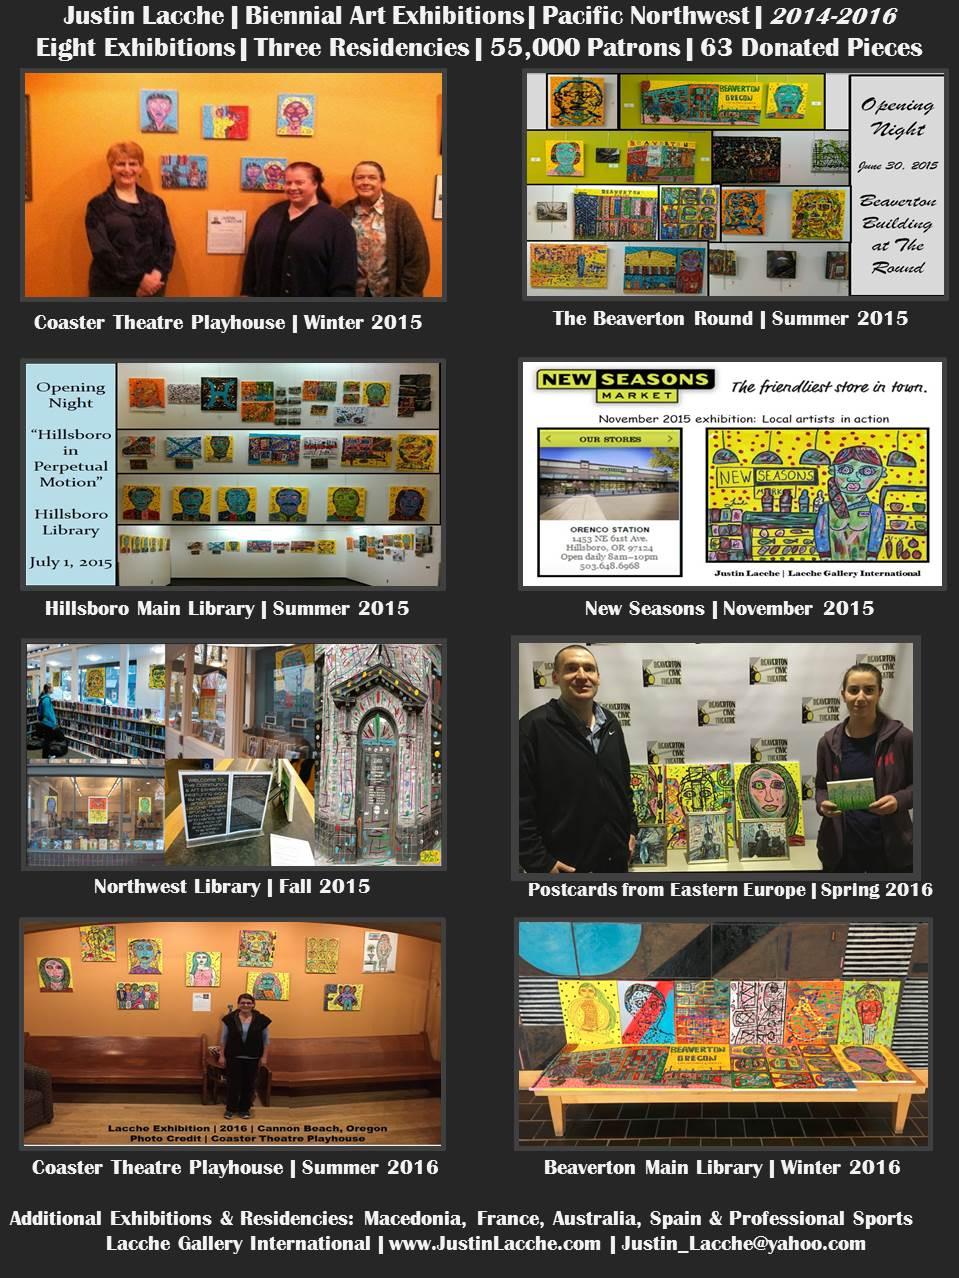 Biennial Art Exhibitions